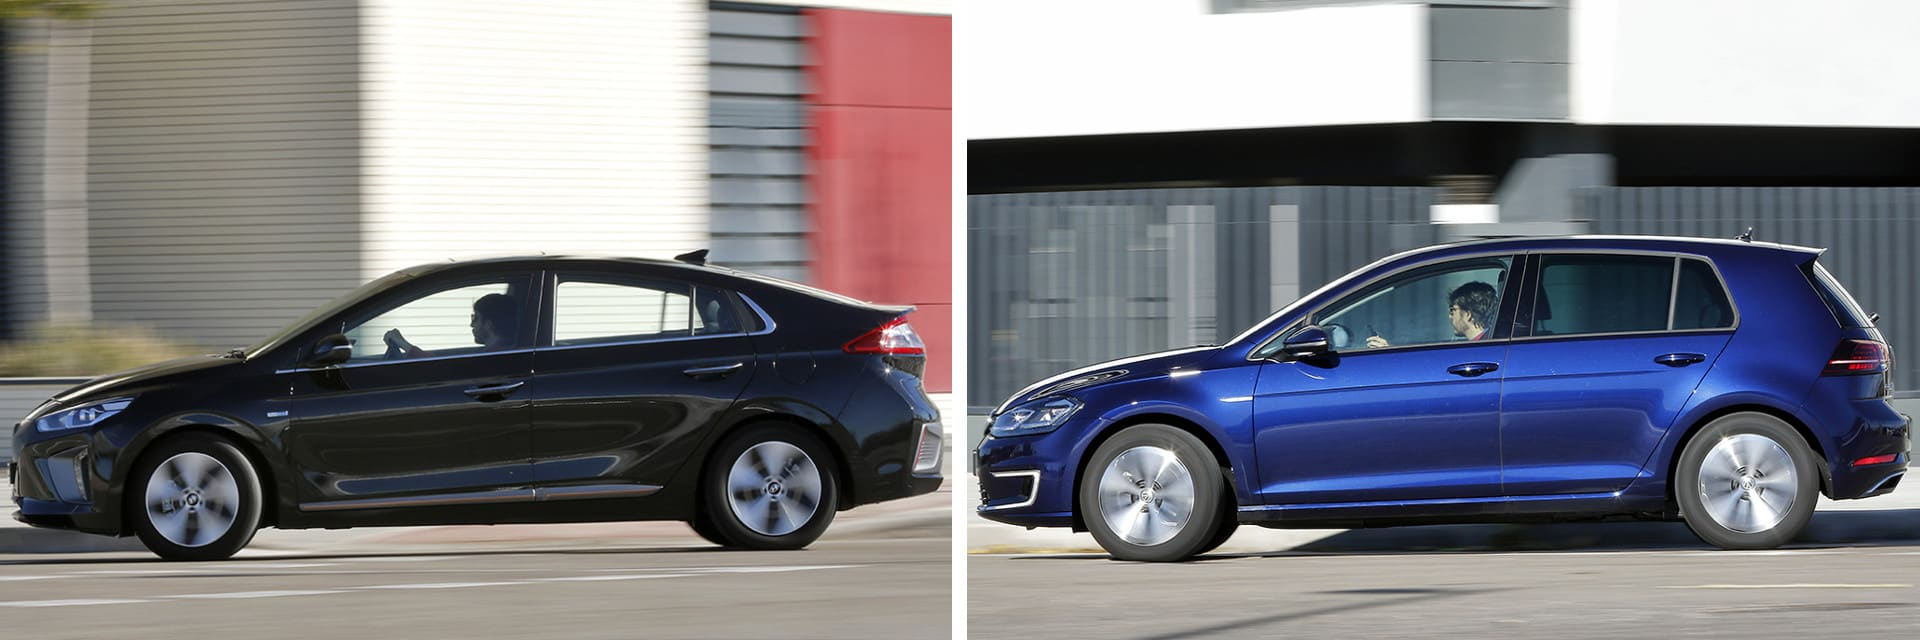 En ciudad es donde estos dos coches se desenvuelven mejor, ya que por autopistas su consumo es más elevado.